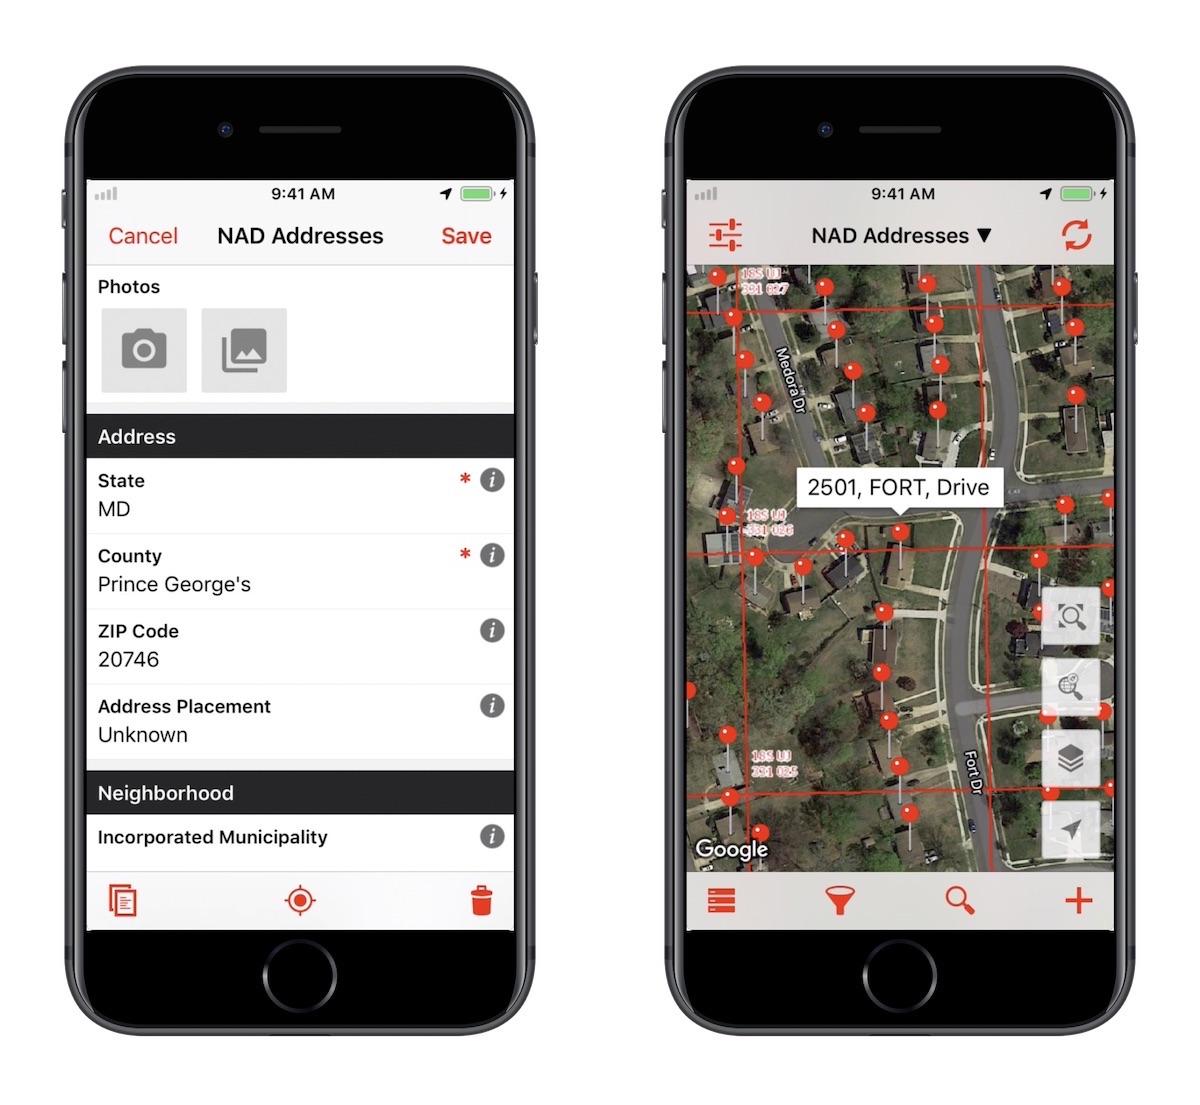 NAD Mobile App